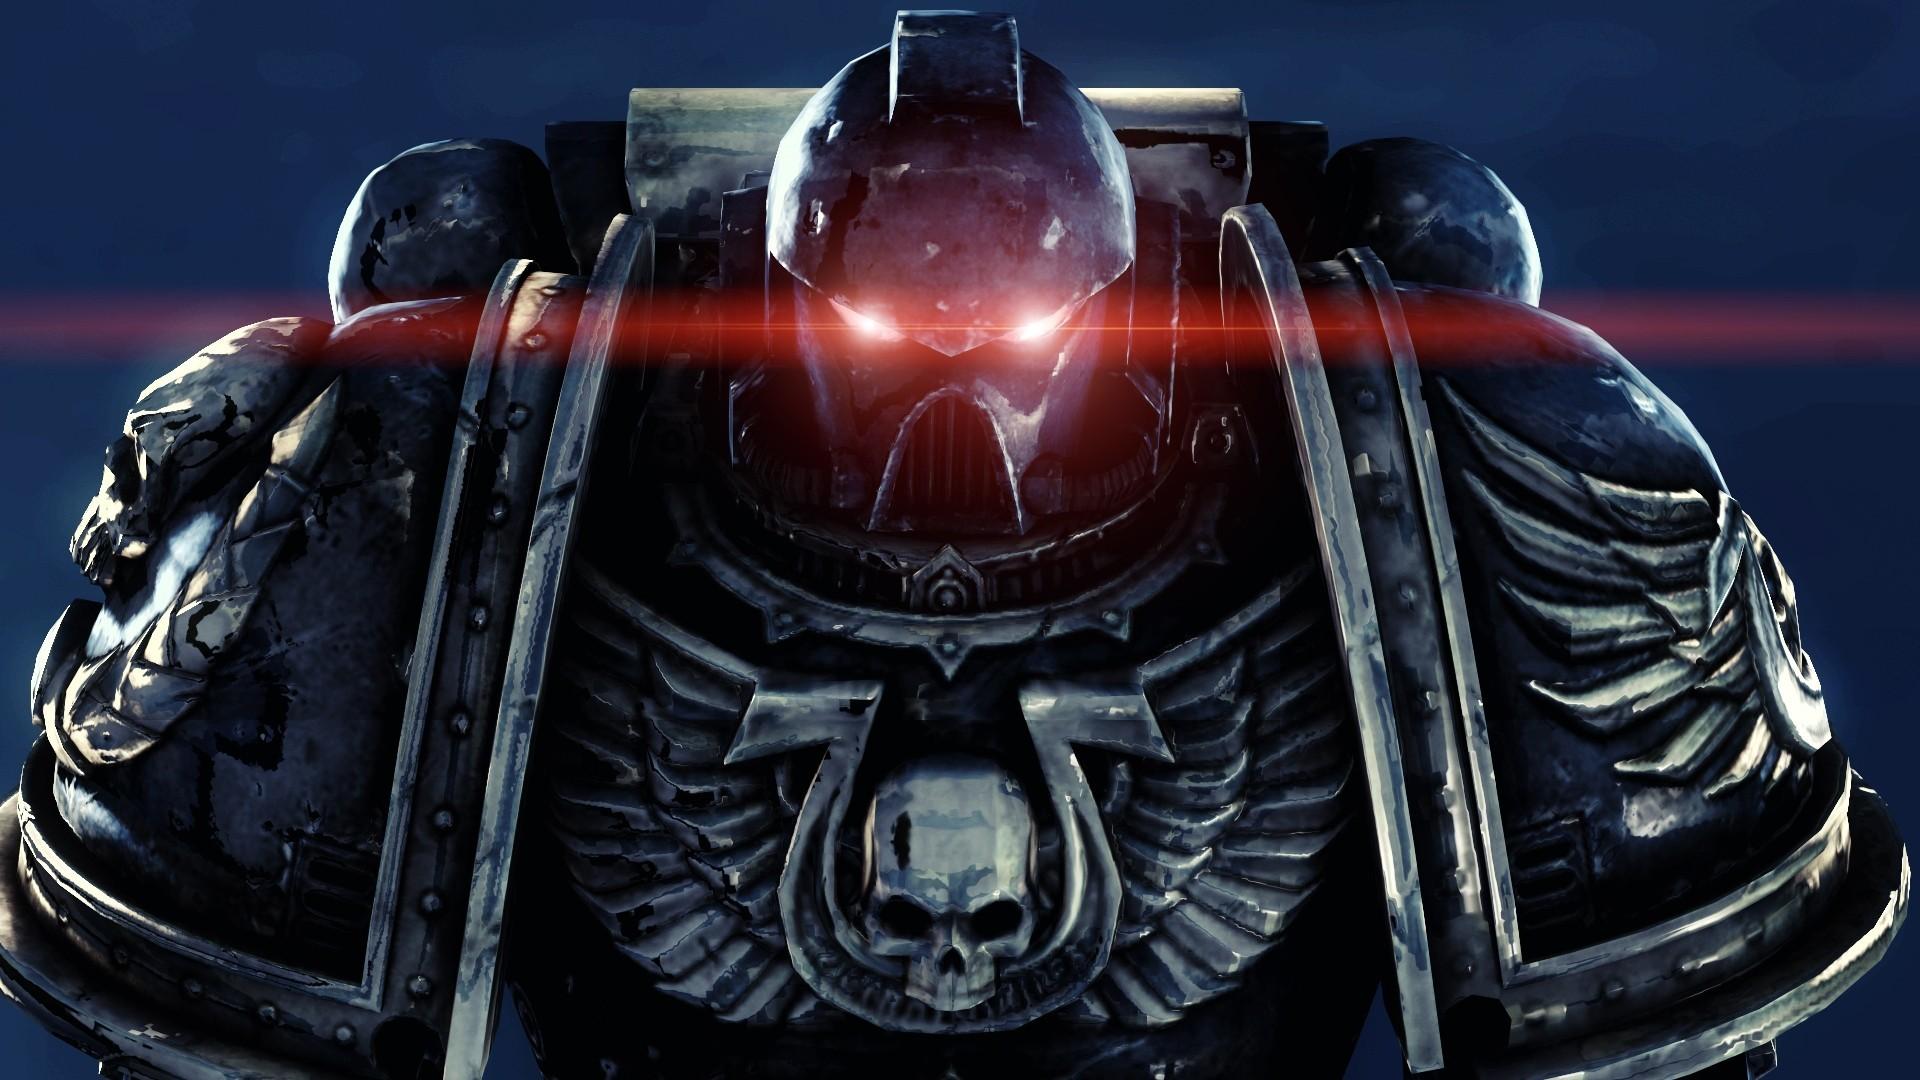 … warhammer-40k-space-marines-ultramarines-skull-wings-eyes- …